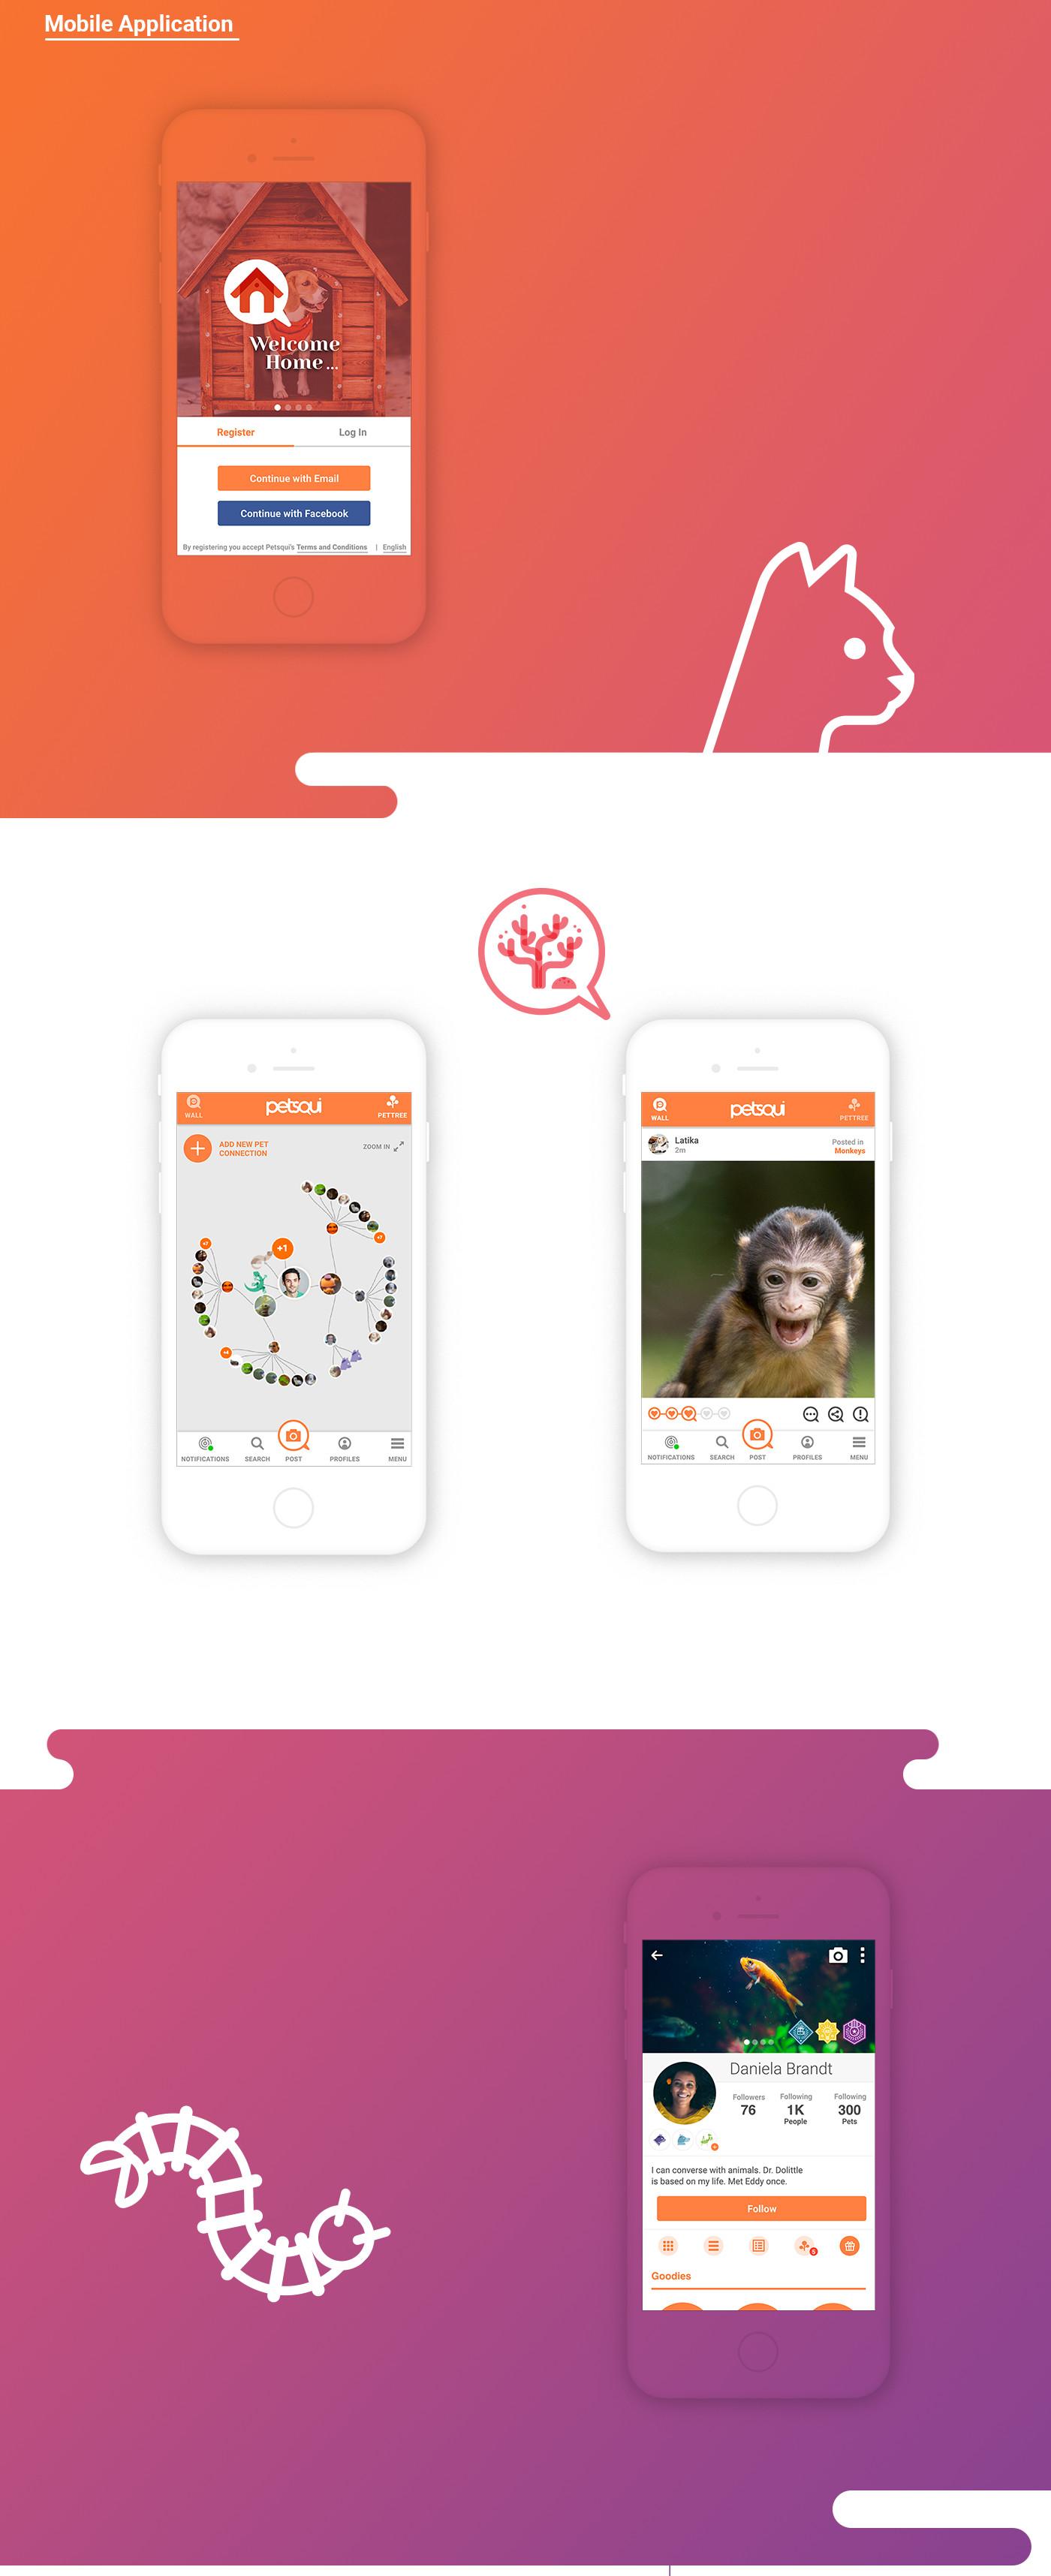 mobile application design for petsqui